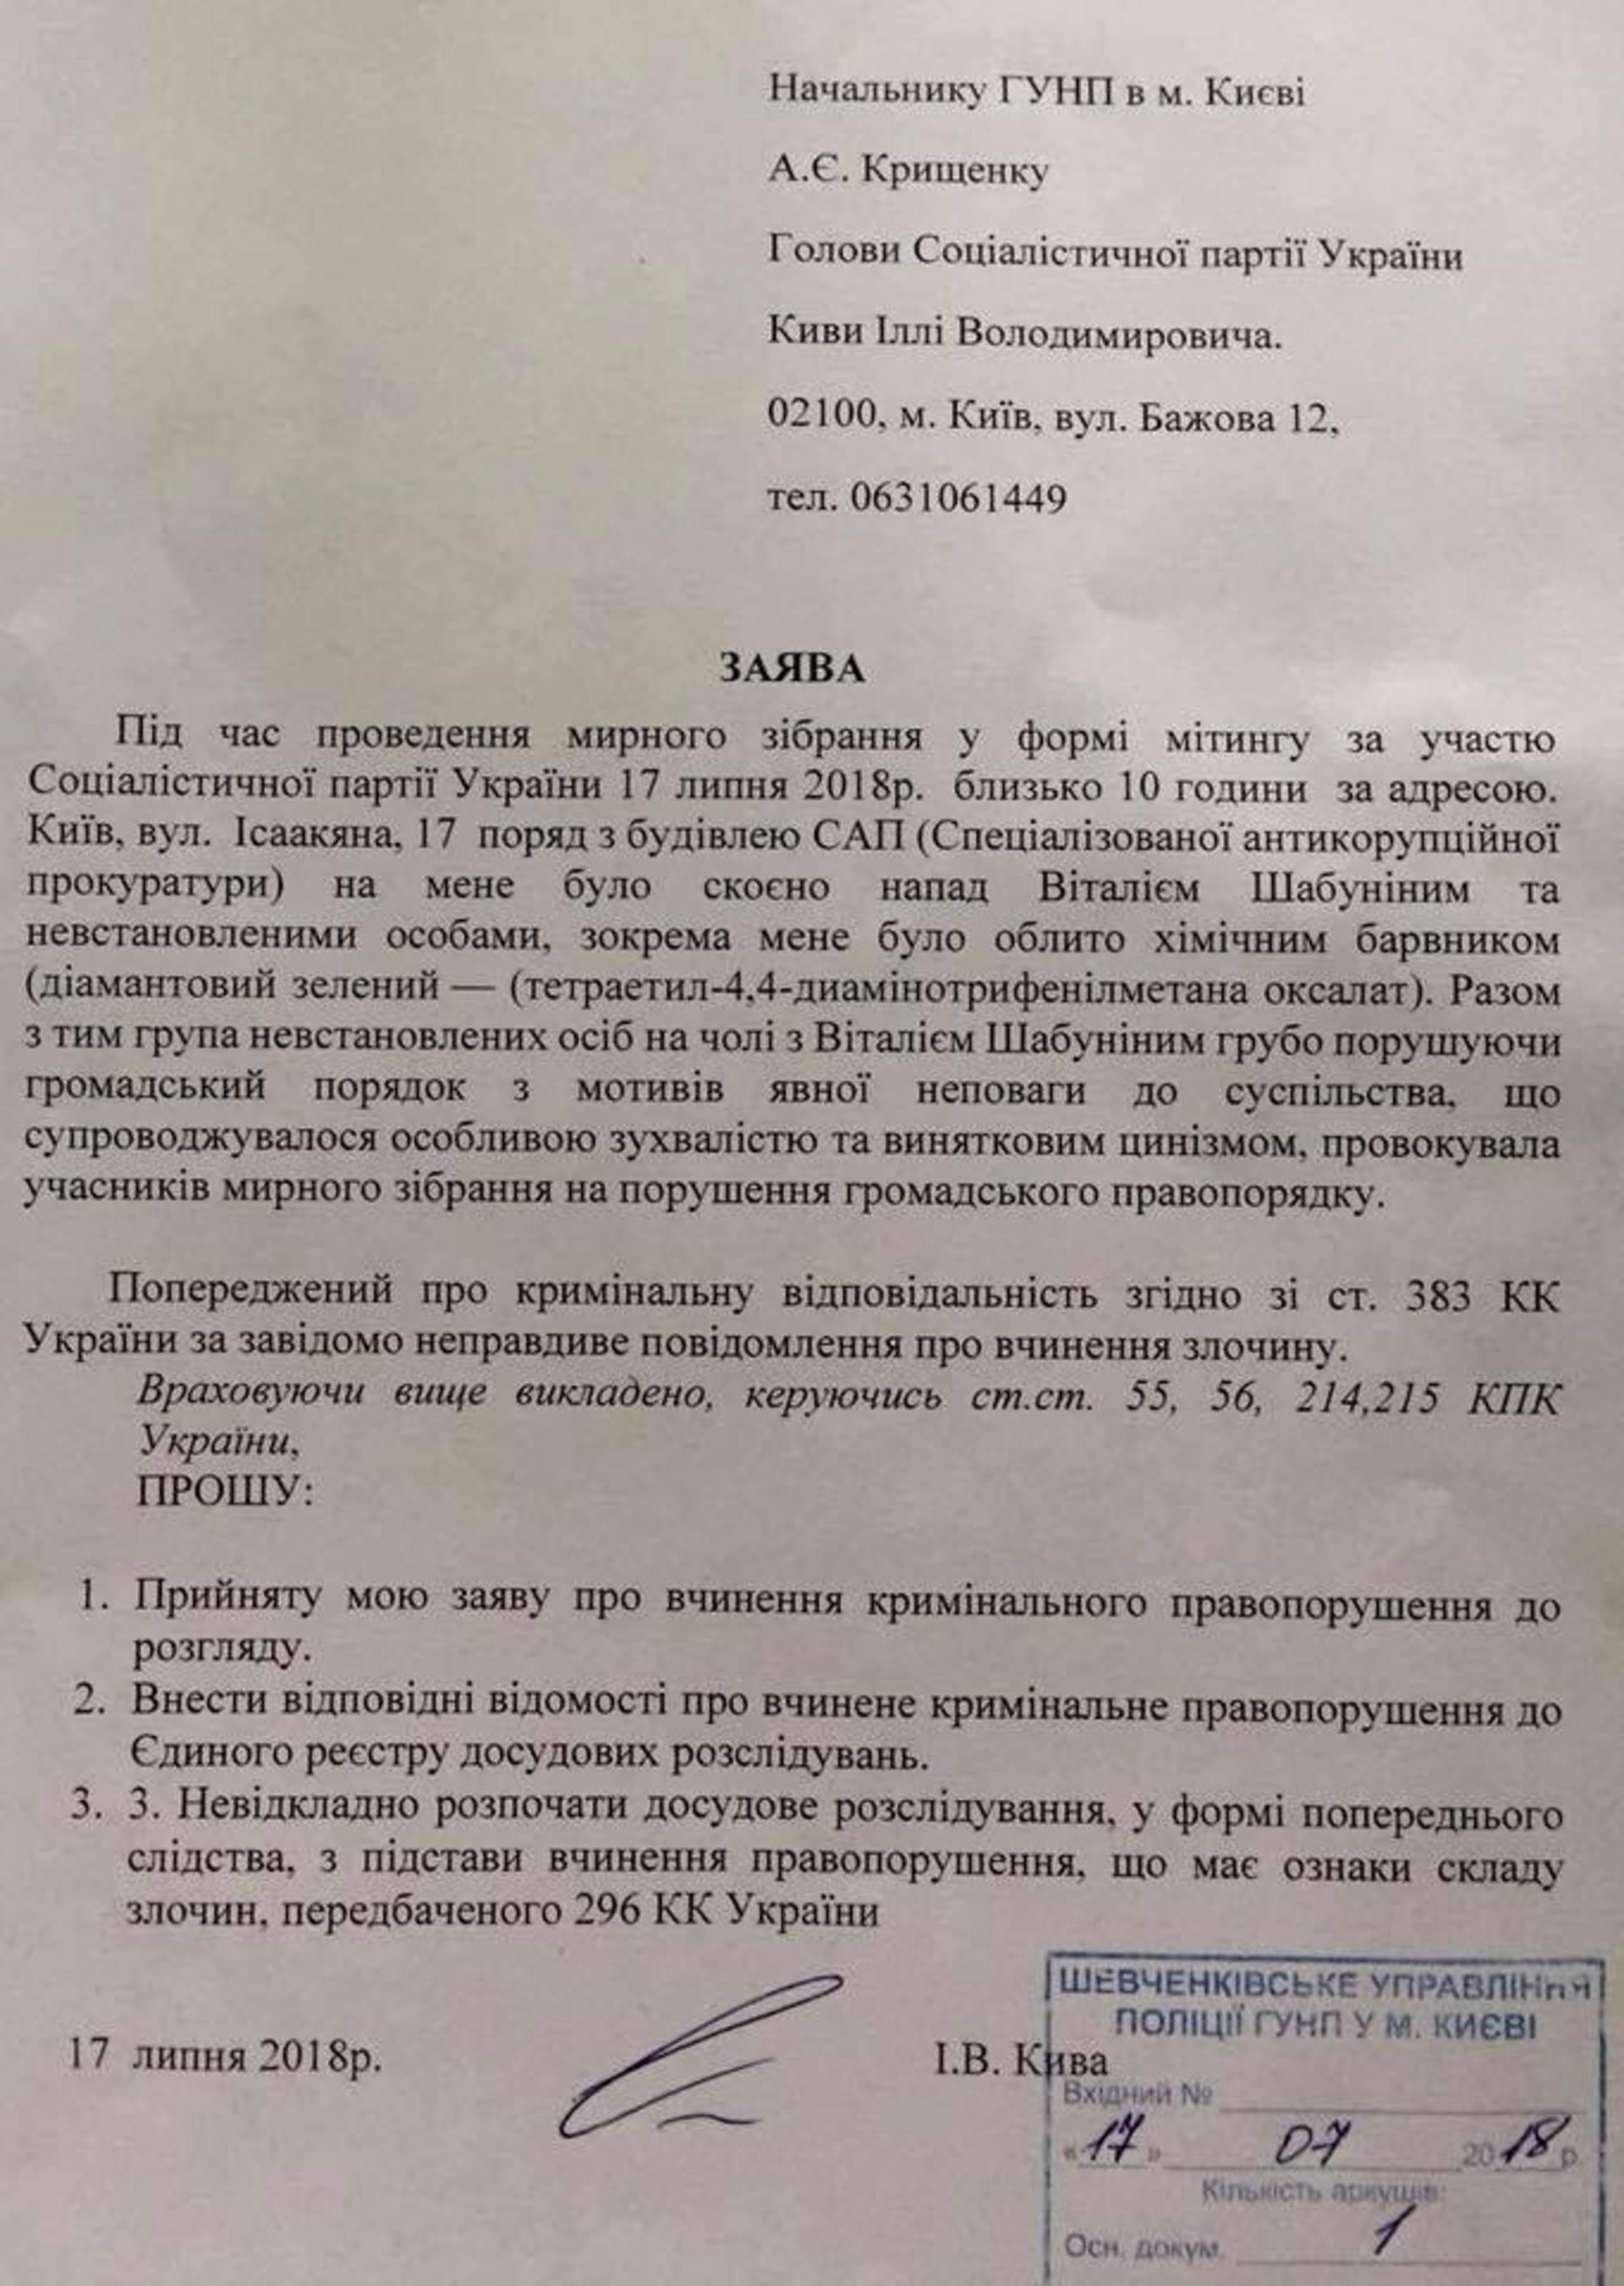 Кива заявил в полицию: обвинил Шабунина в нападении - документ